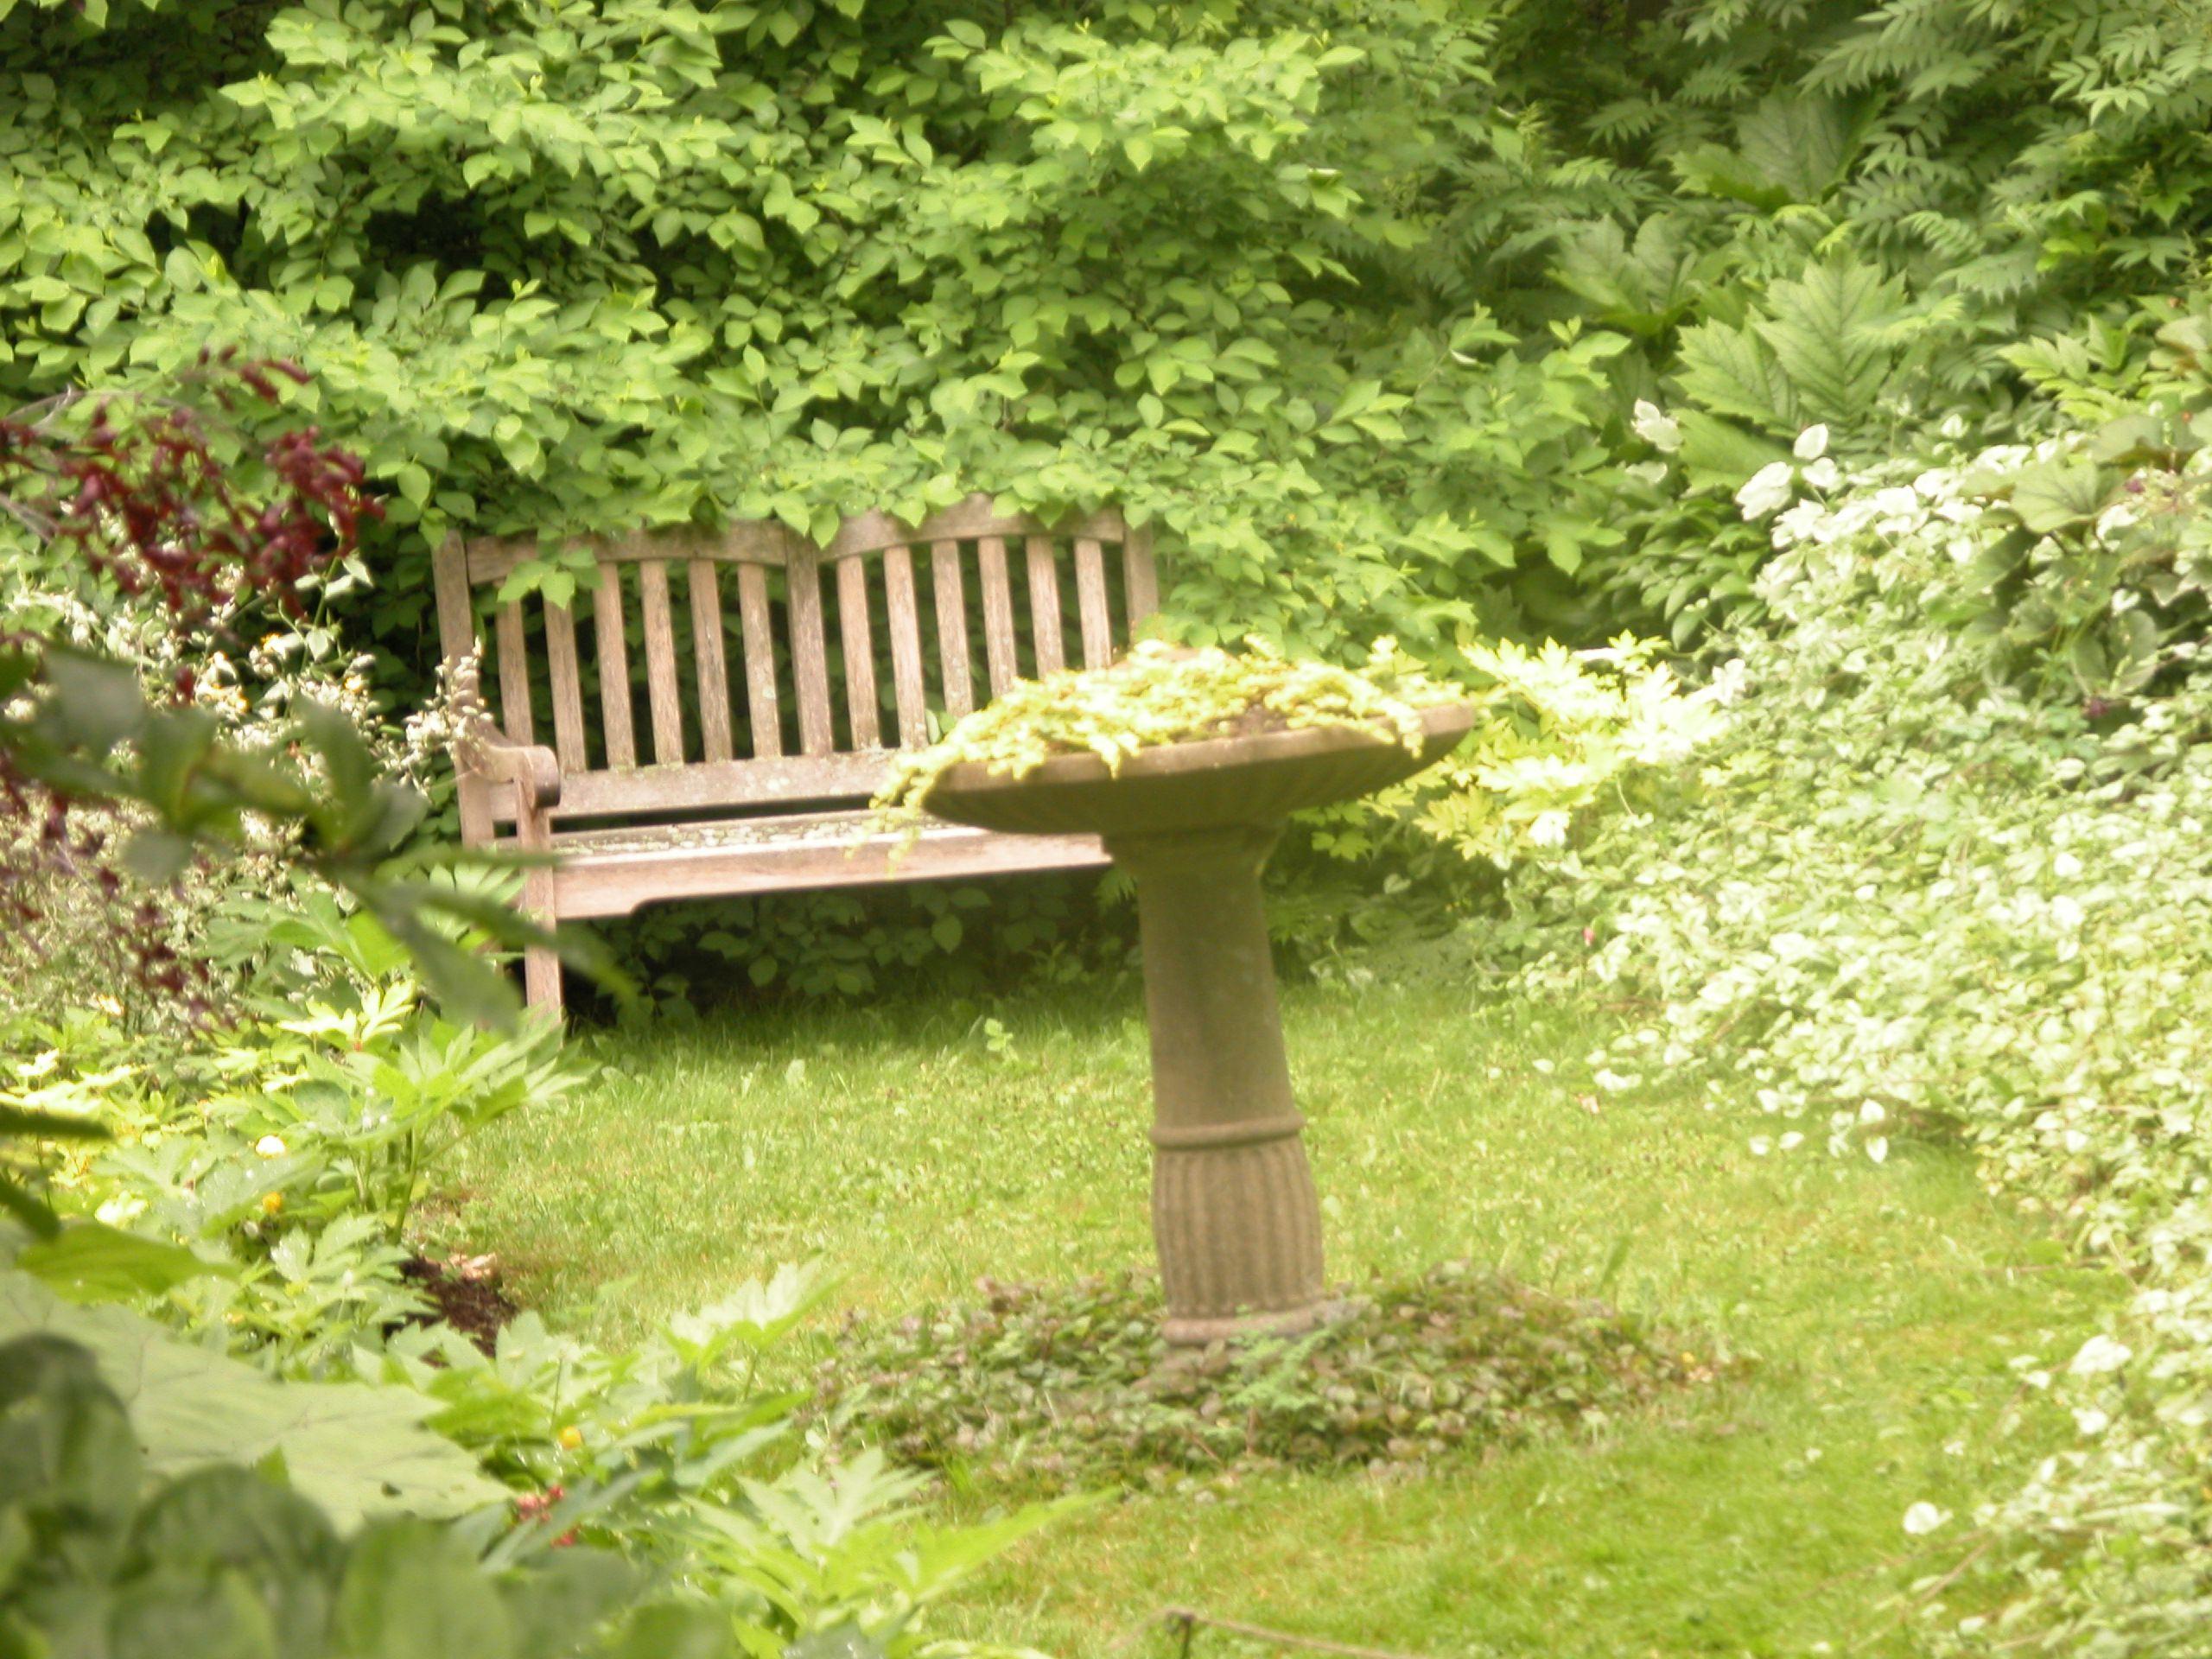 Rincón sombreado en el jardín para sentarse